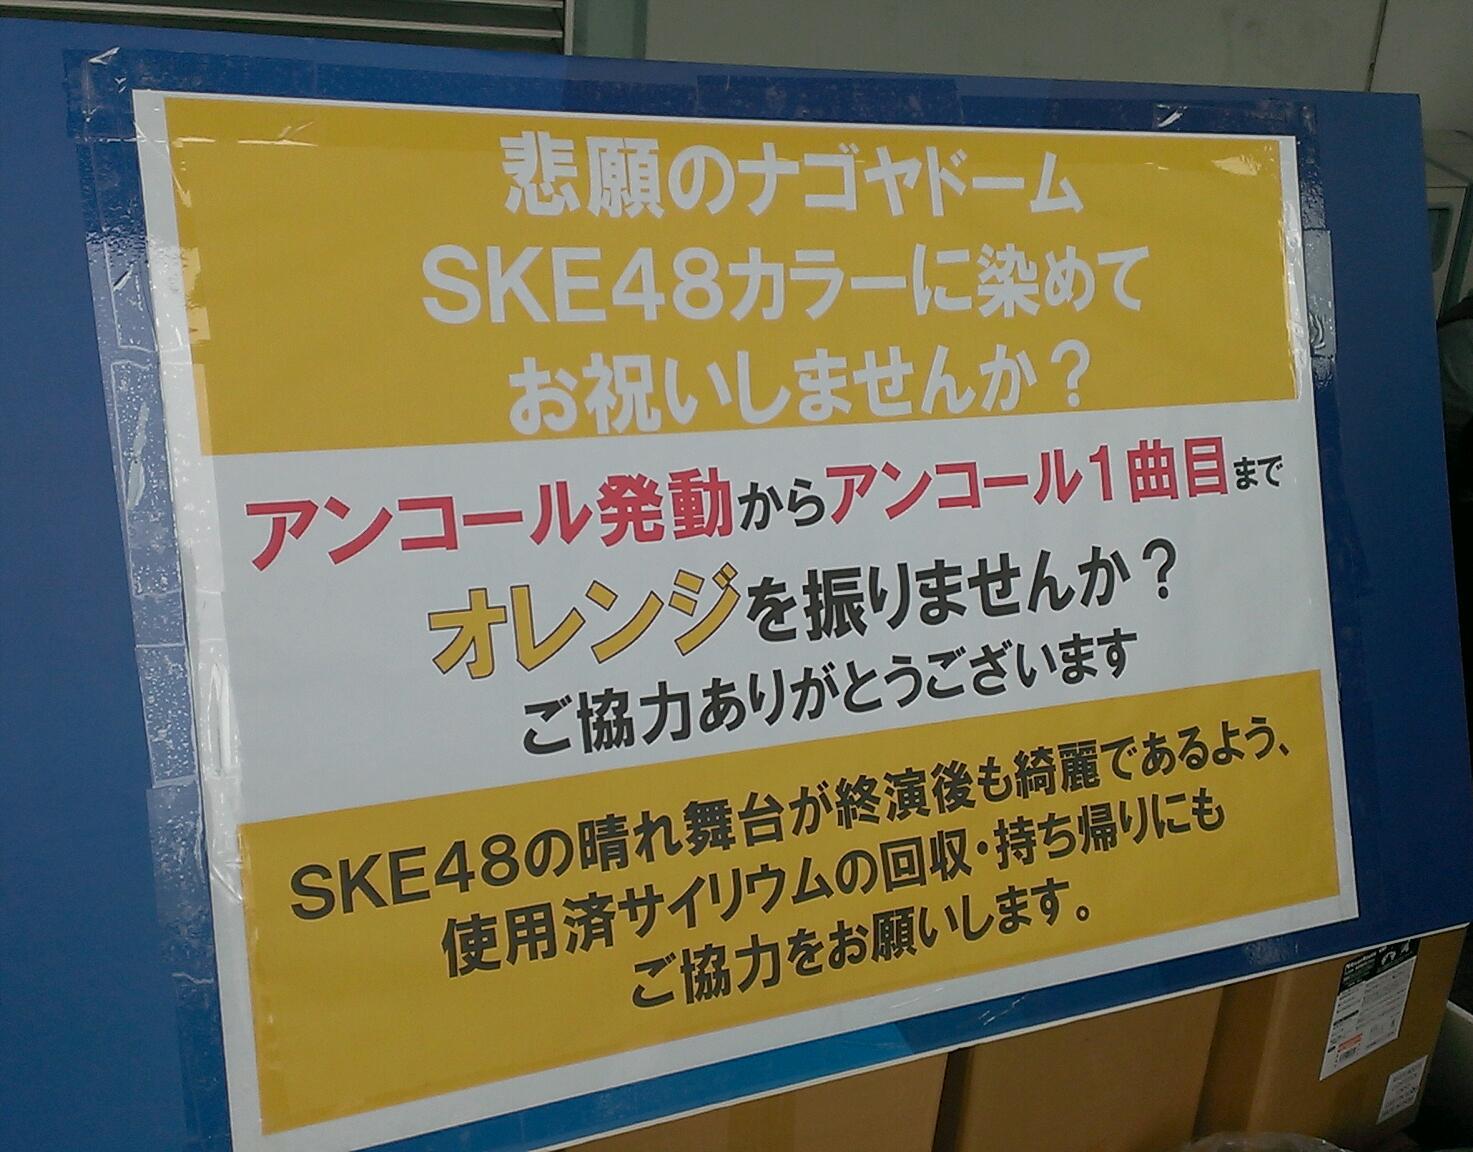 いよいよ準備万端 SKE48 ナゴヤドーム公演 オレンジサイリウム企画